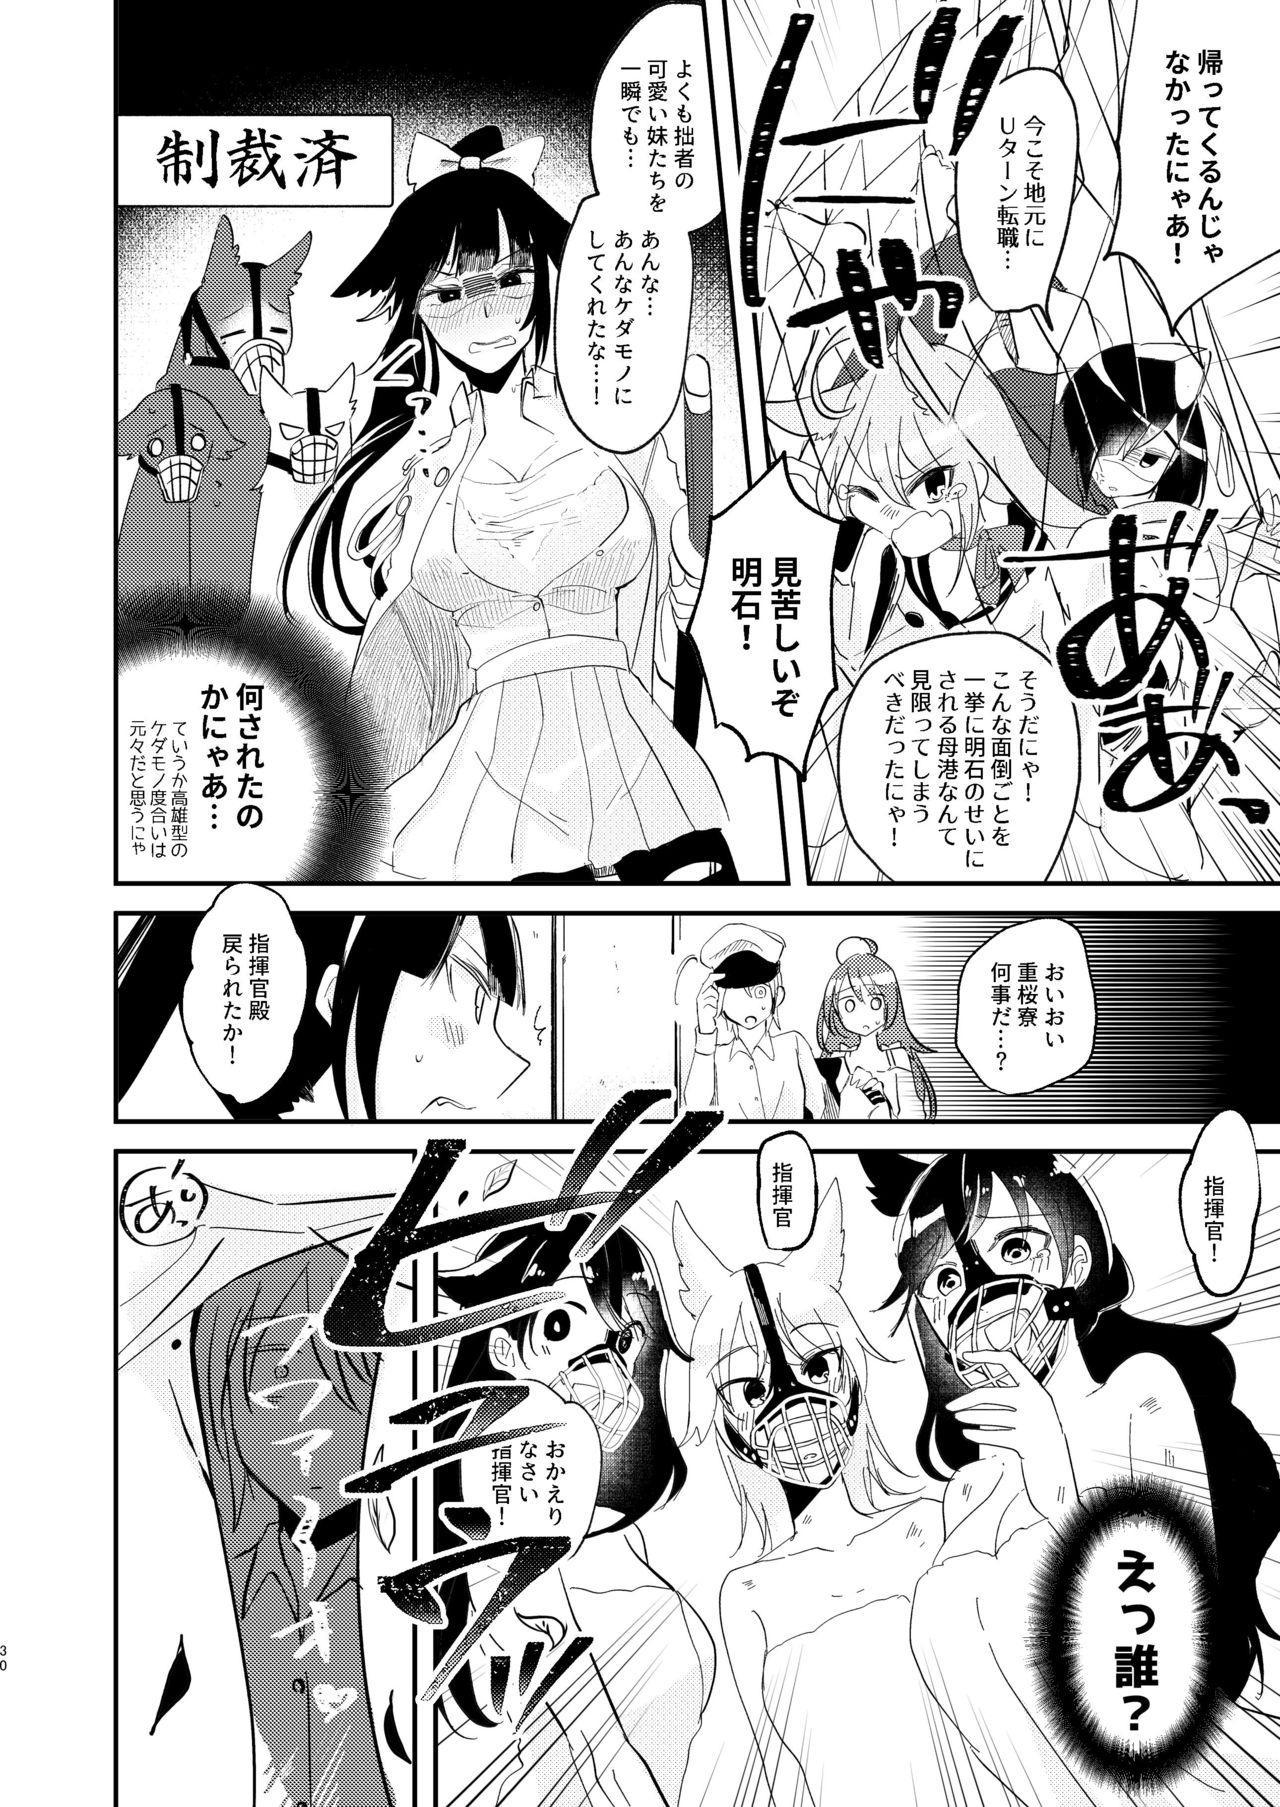 Kitai no Shisugi wa Kinmotsu desu! - Sticks are not necessarily buff 28